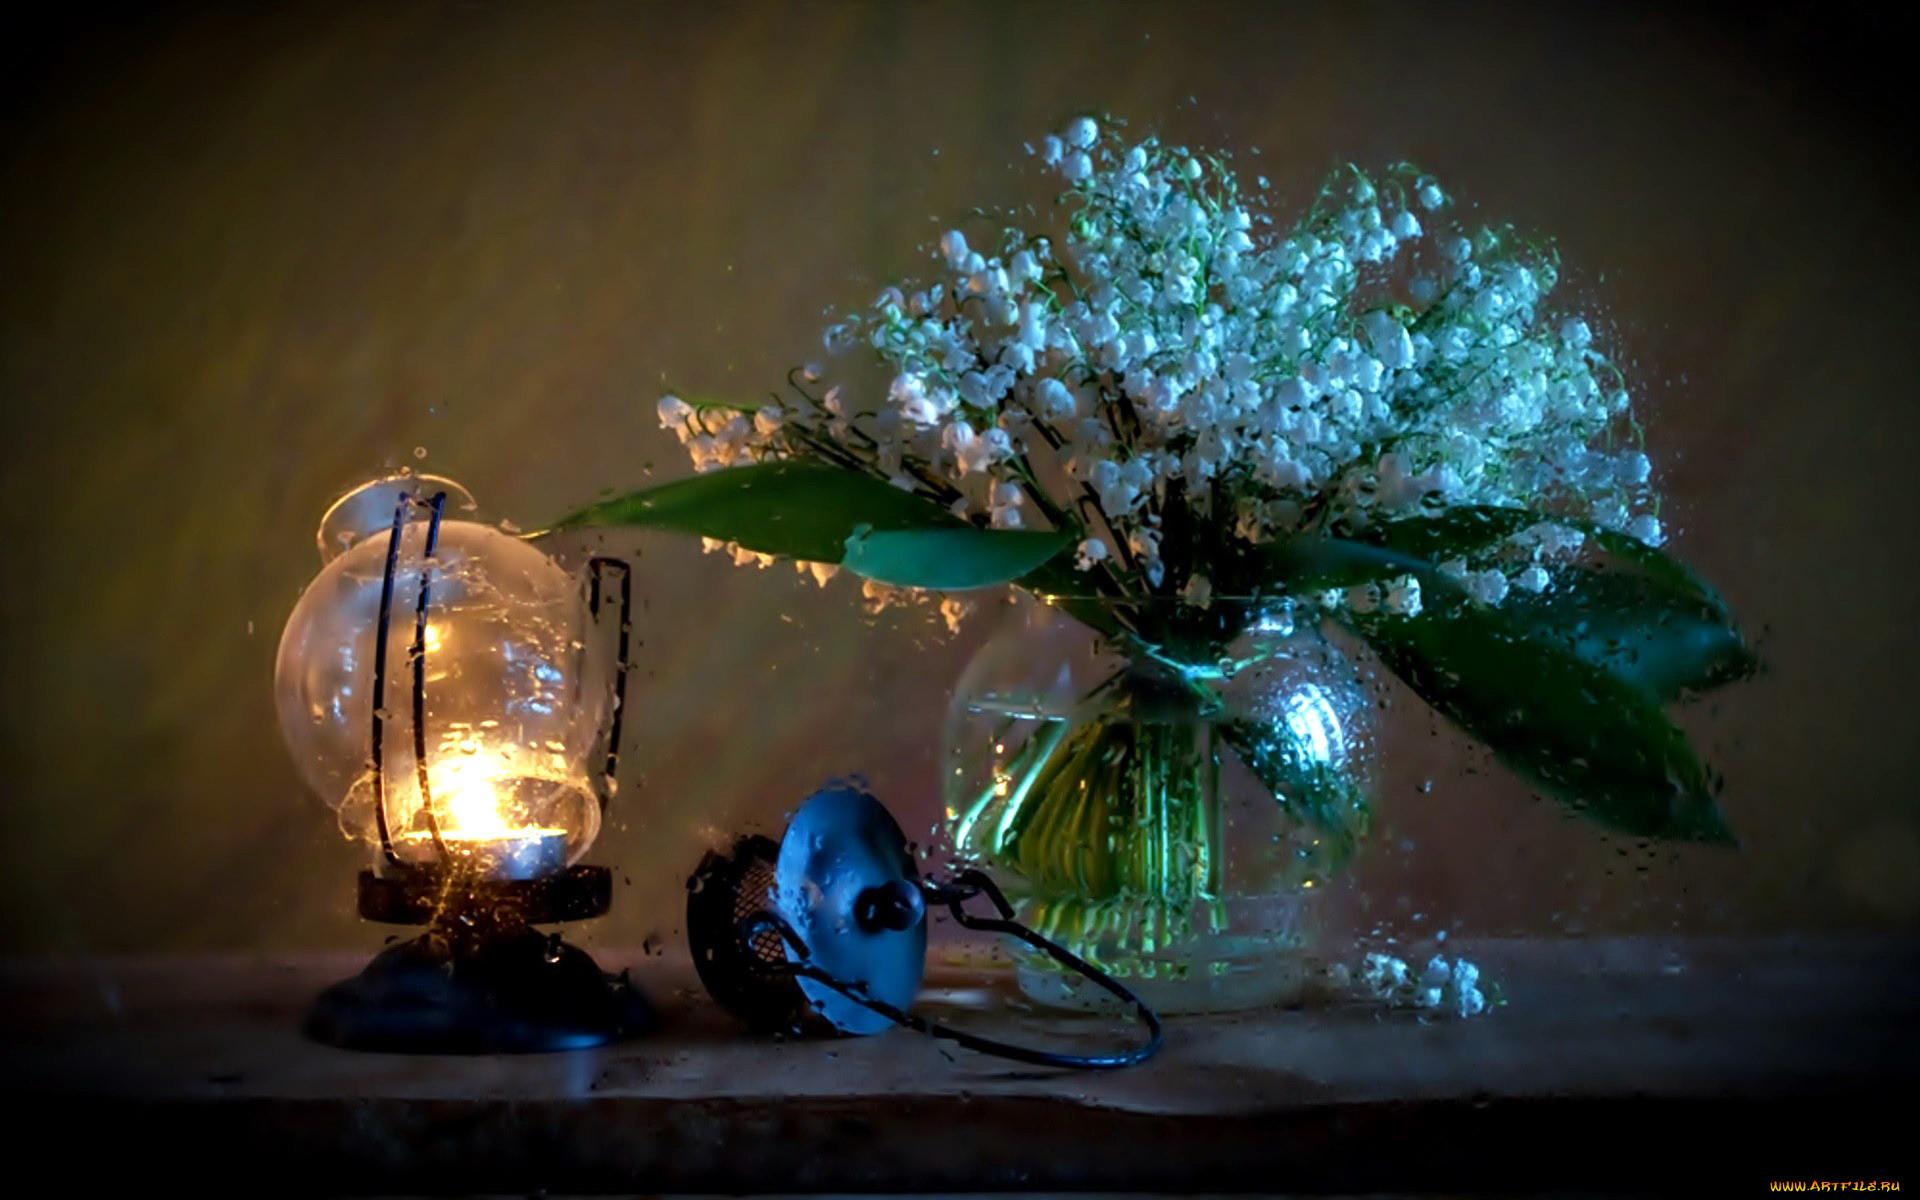 красивые картинки весенние цветы в ночи времена изменились